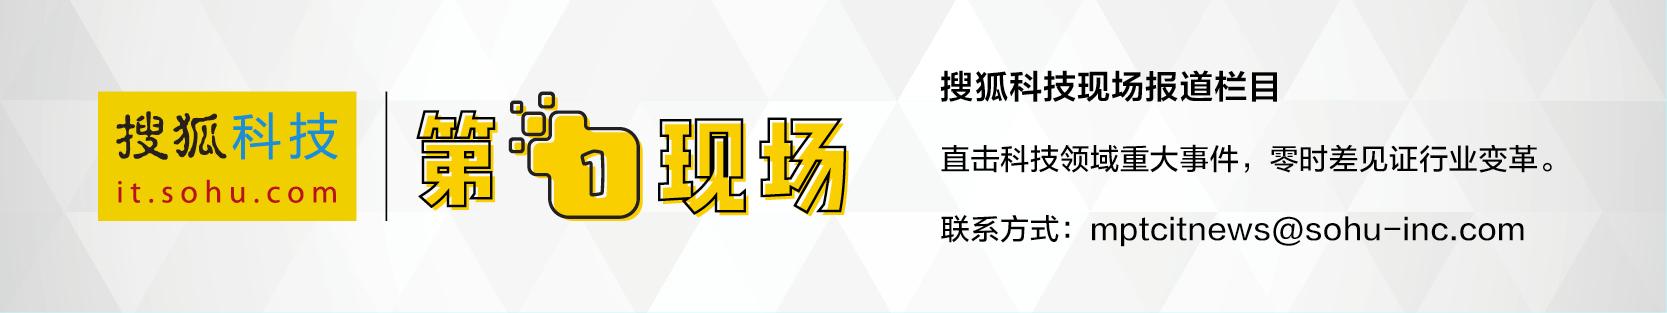 我国2018上半年专利申请数量公布:华为、中石化